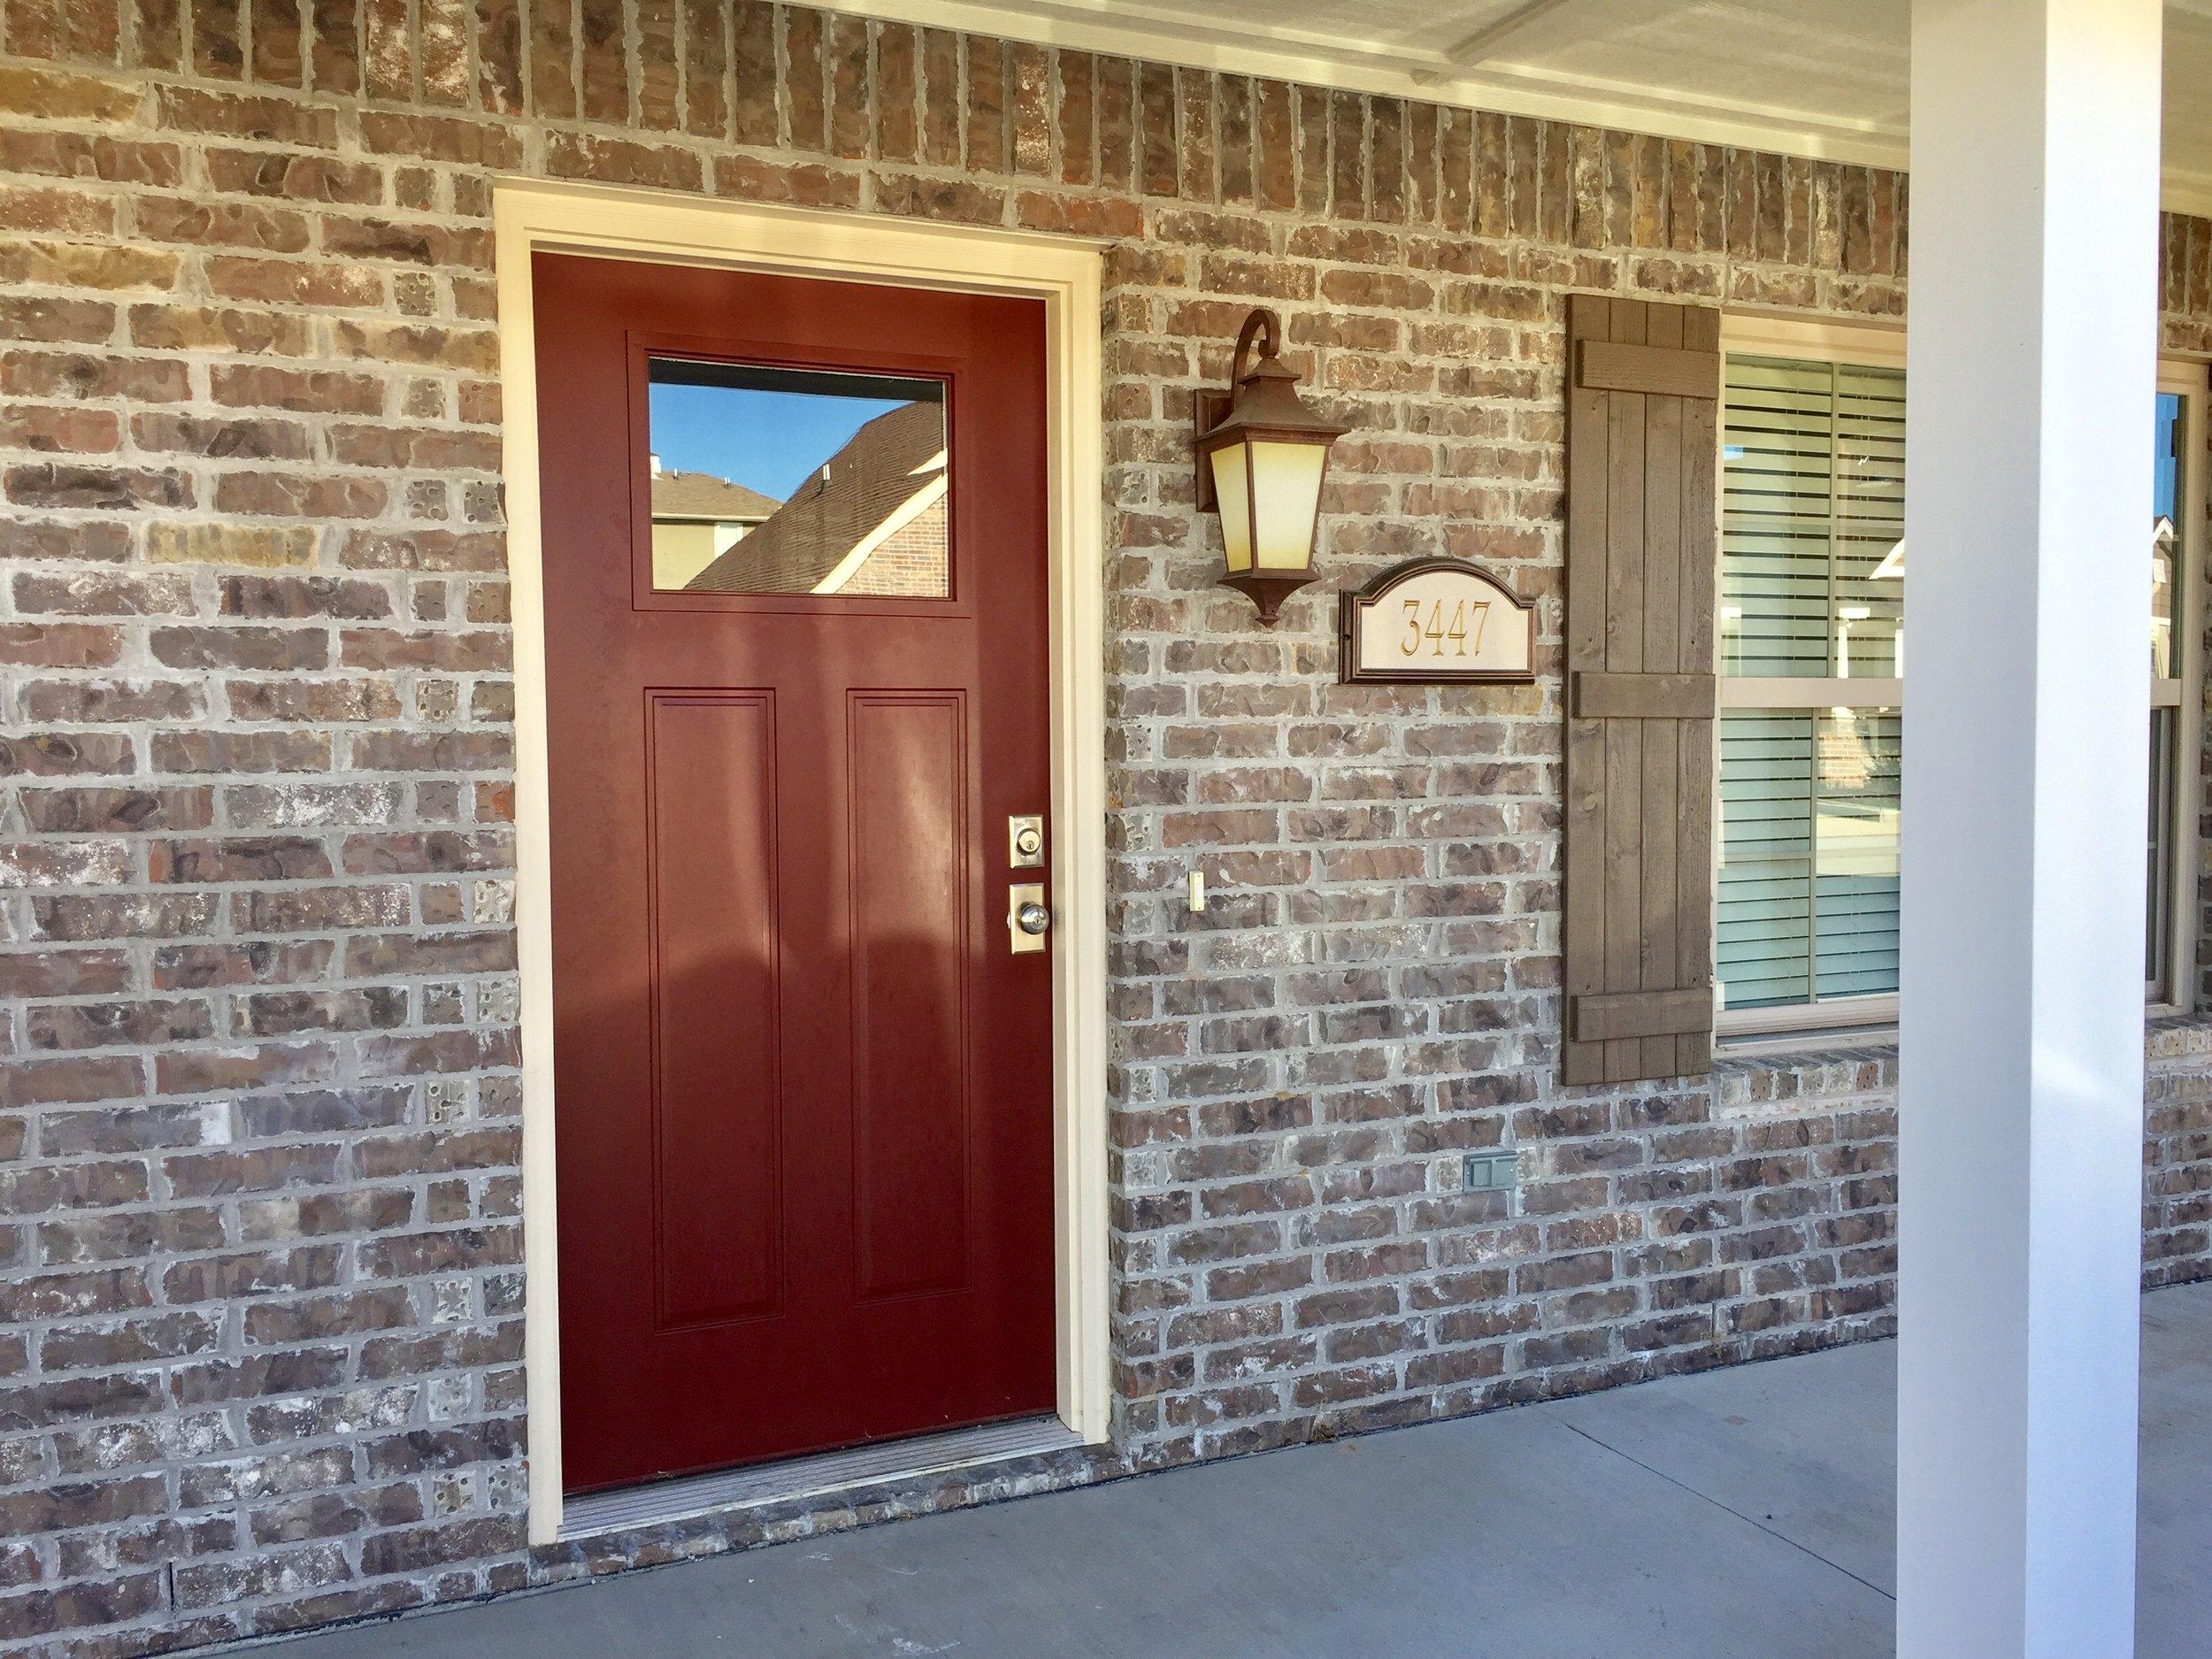 3447 Madison Front Door exterior.jpg